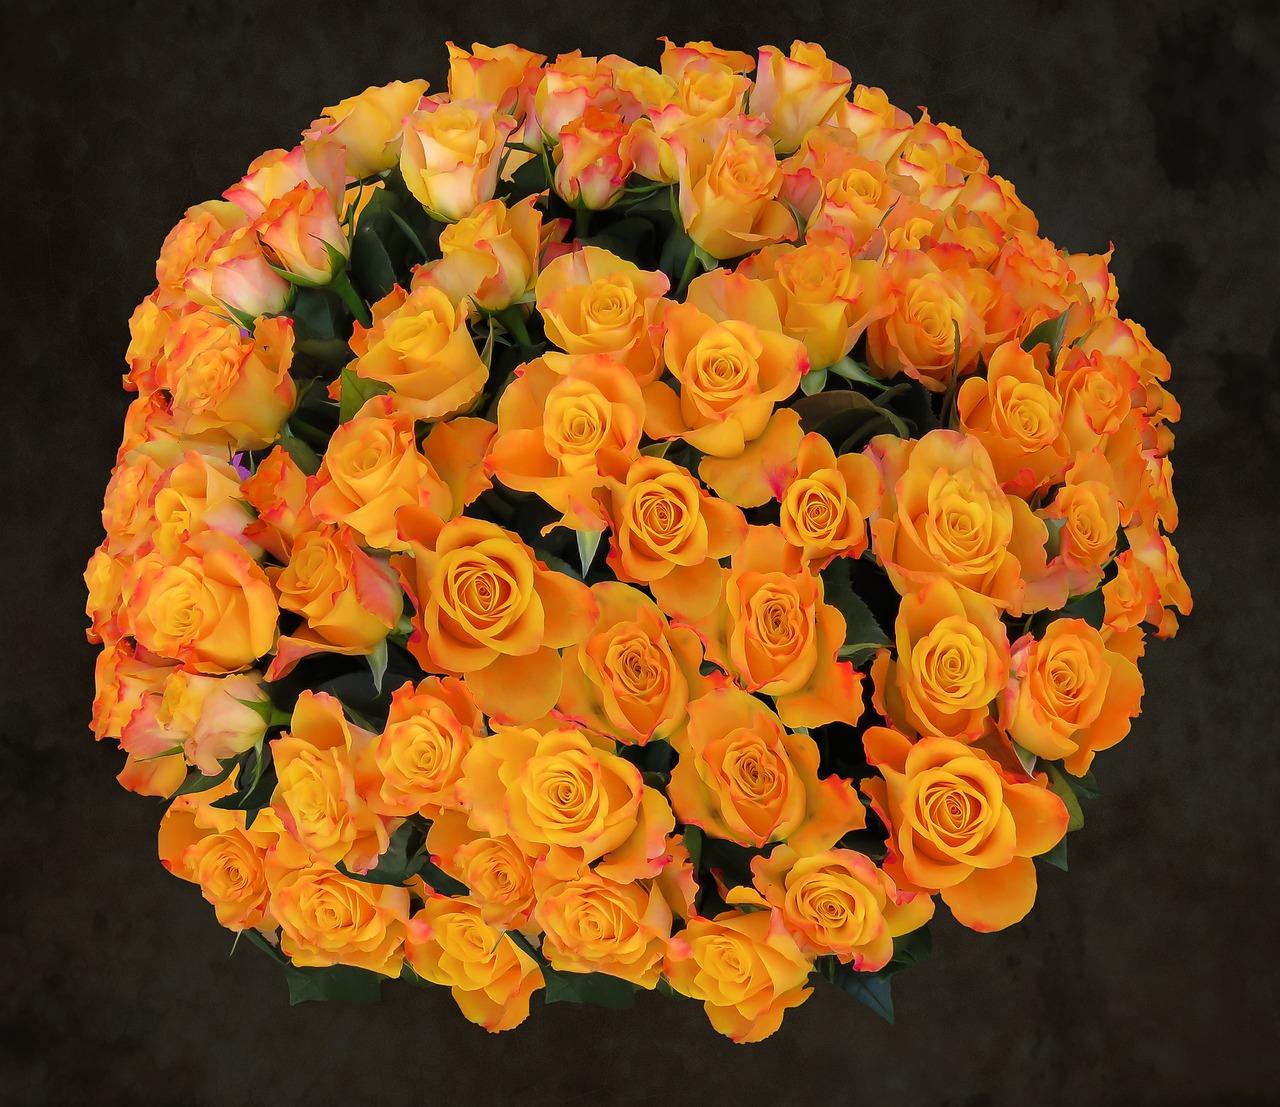 были с днем рождения картинки цветы оранжевые владельцы